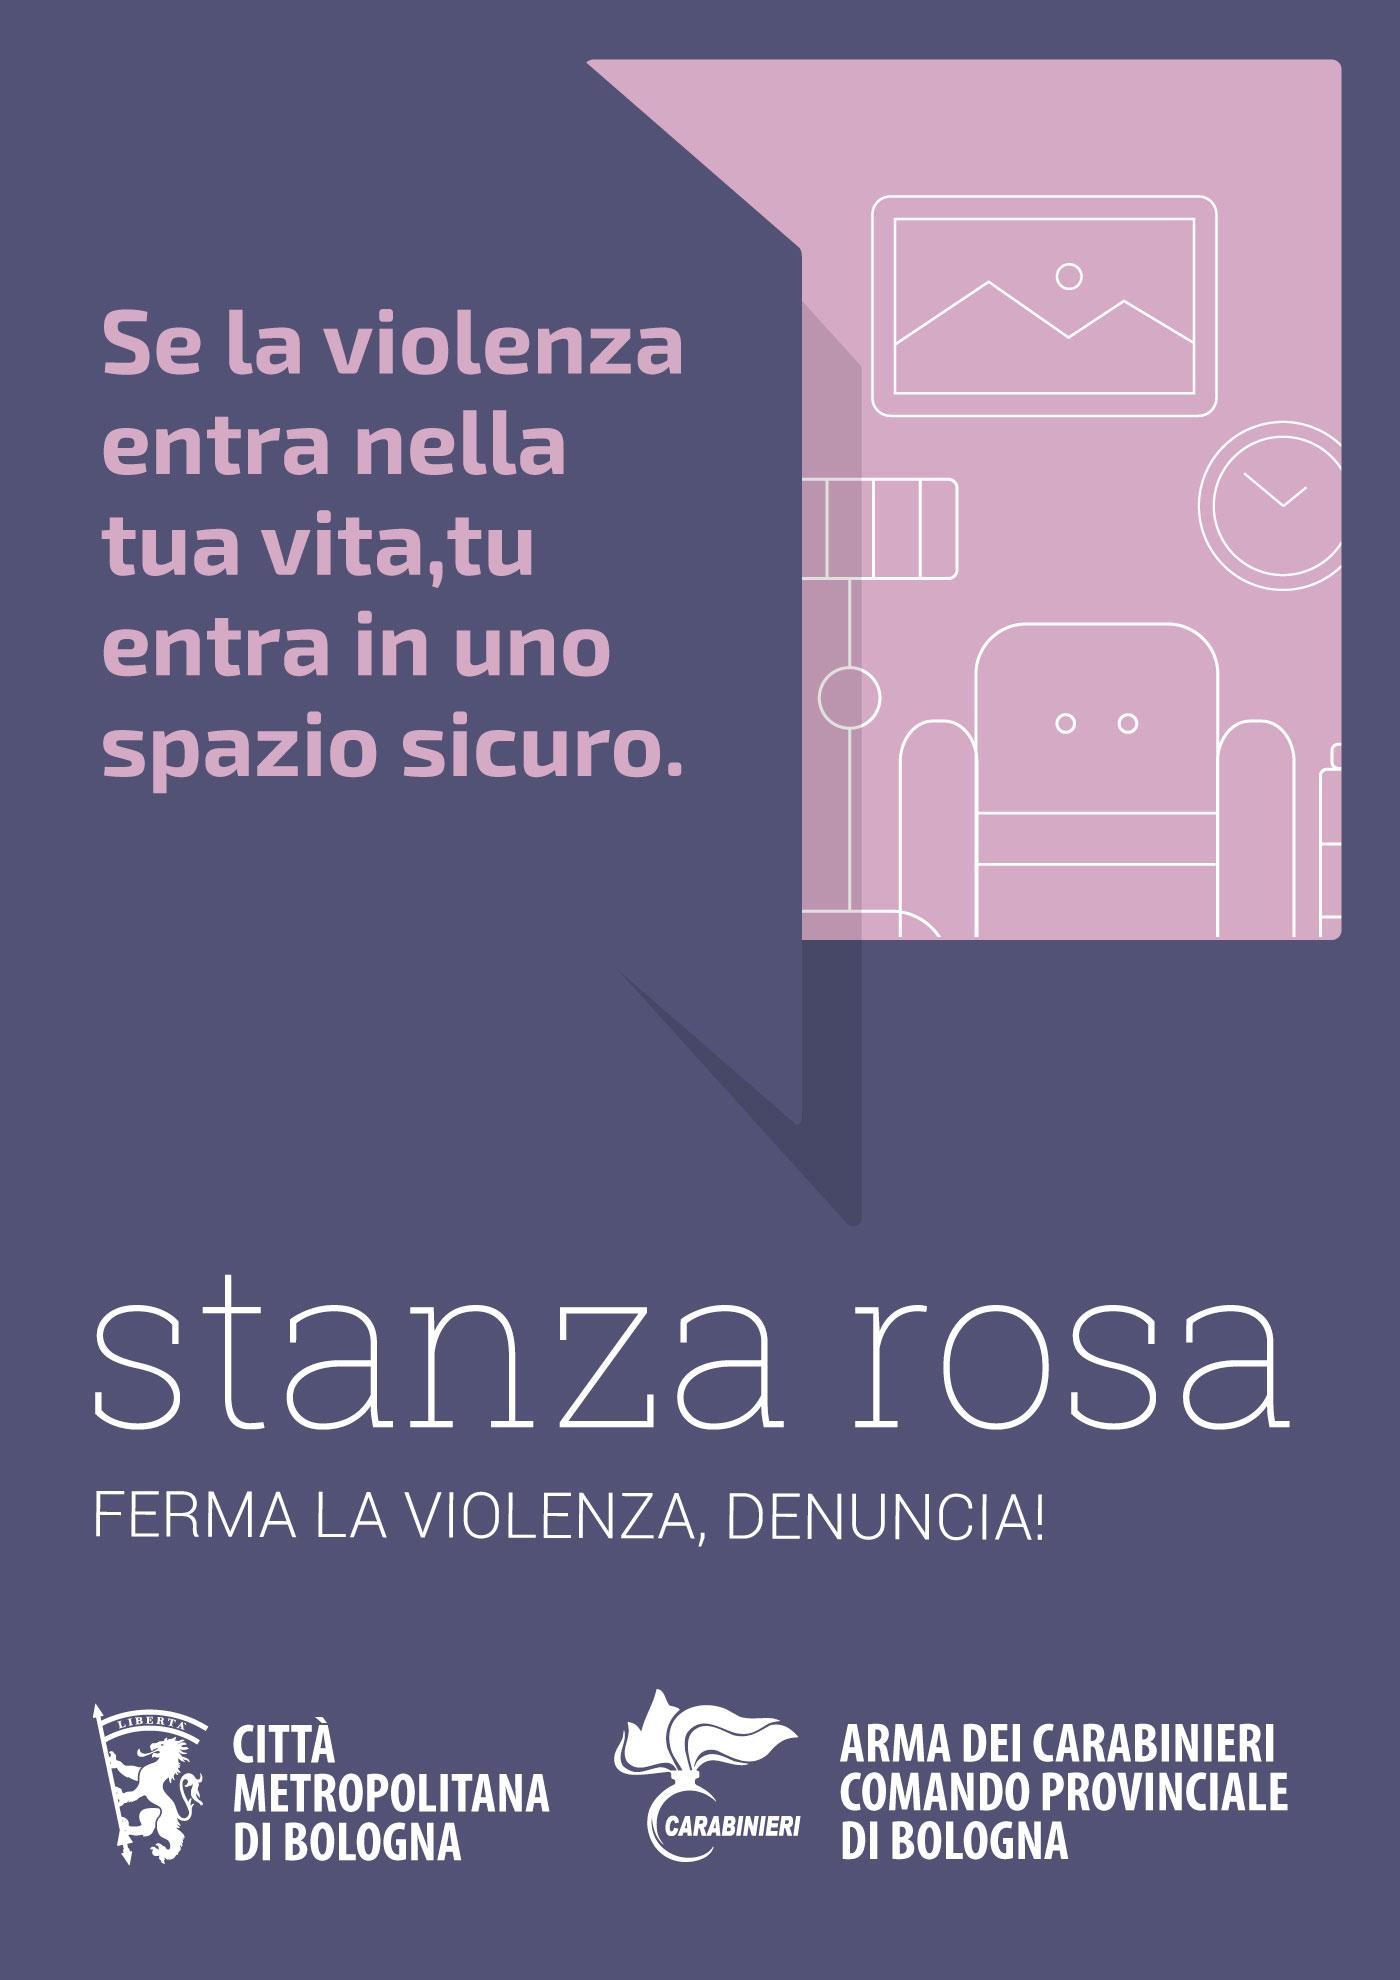 La Stanza Rosa - San Lazzaro Sociale